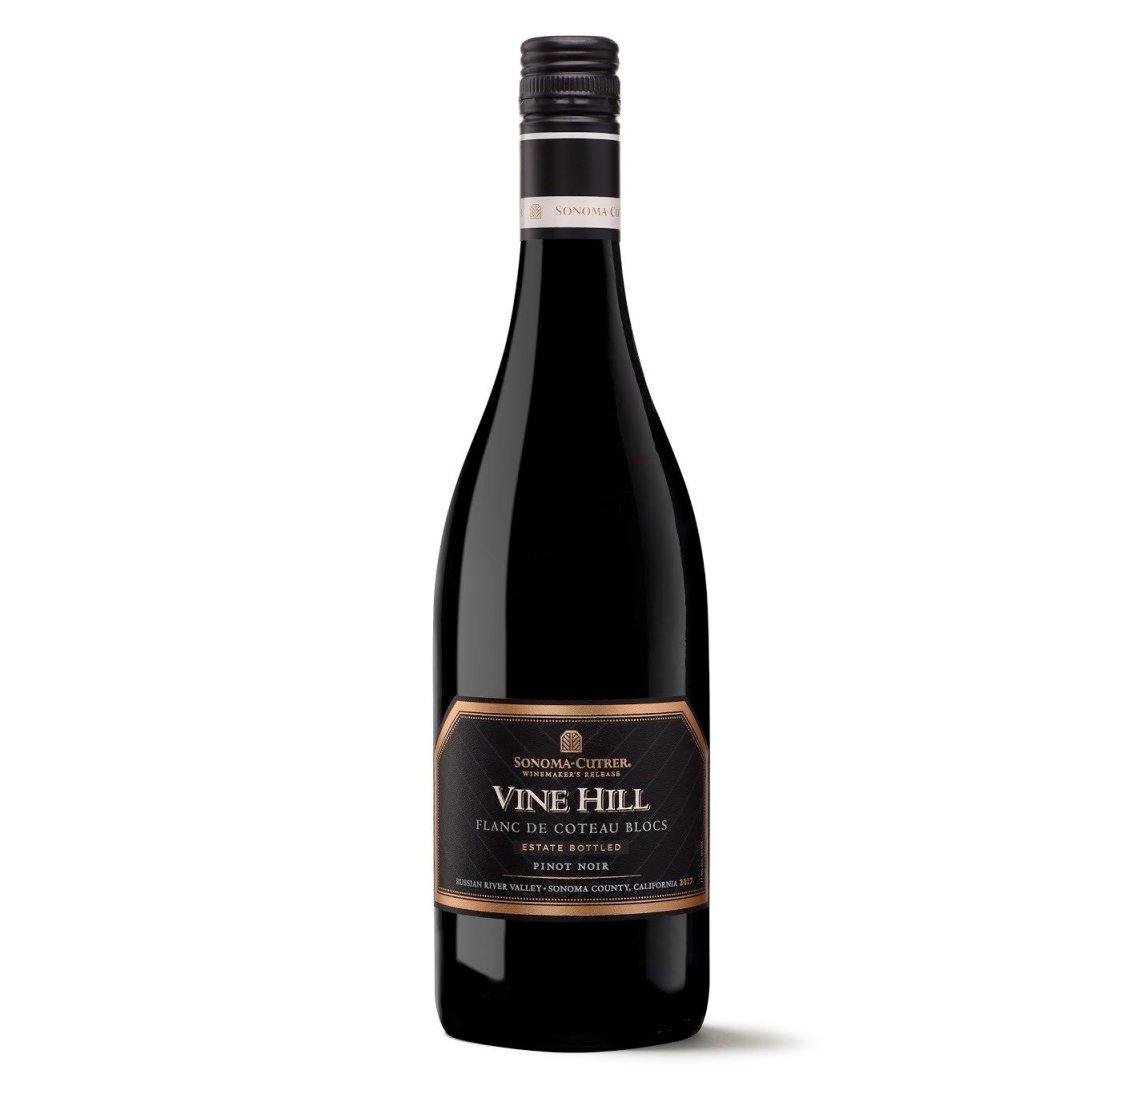 2017 Sonoma-Cutrer Pinot Noir Vine Hill Flanc de Coteau Blocs